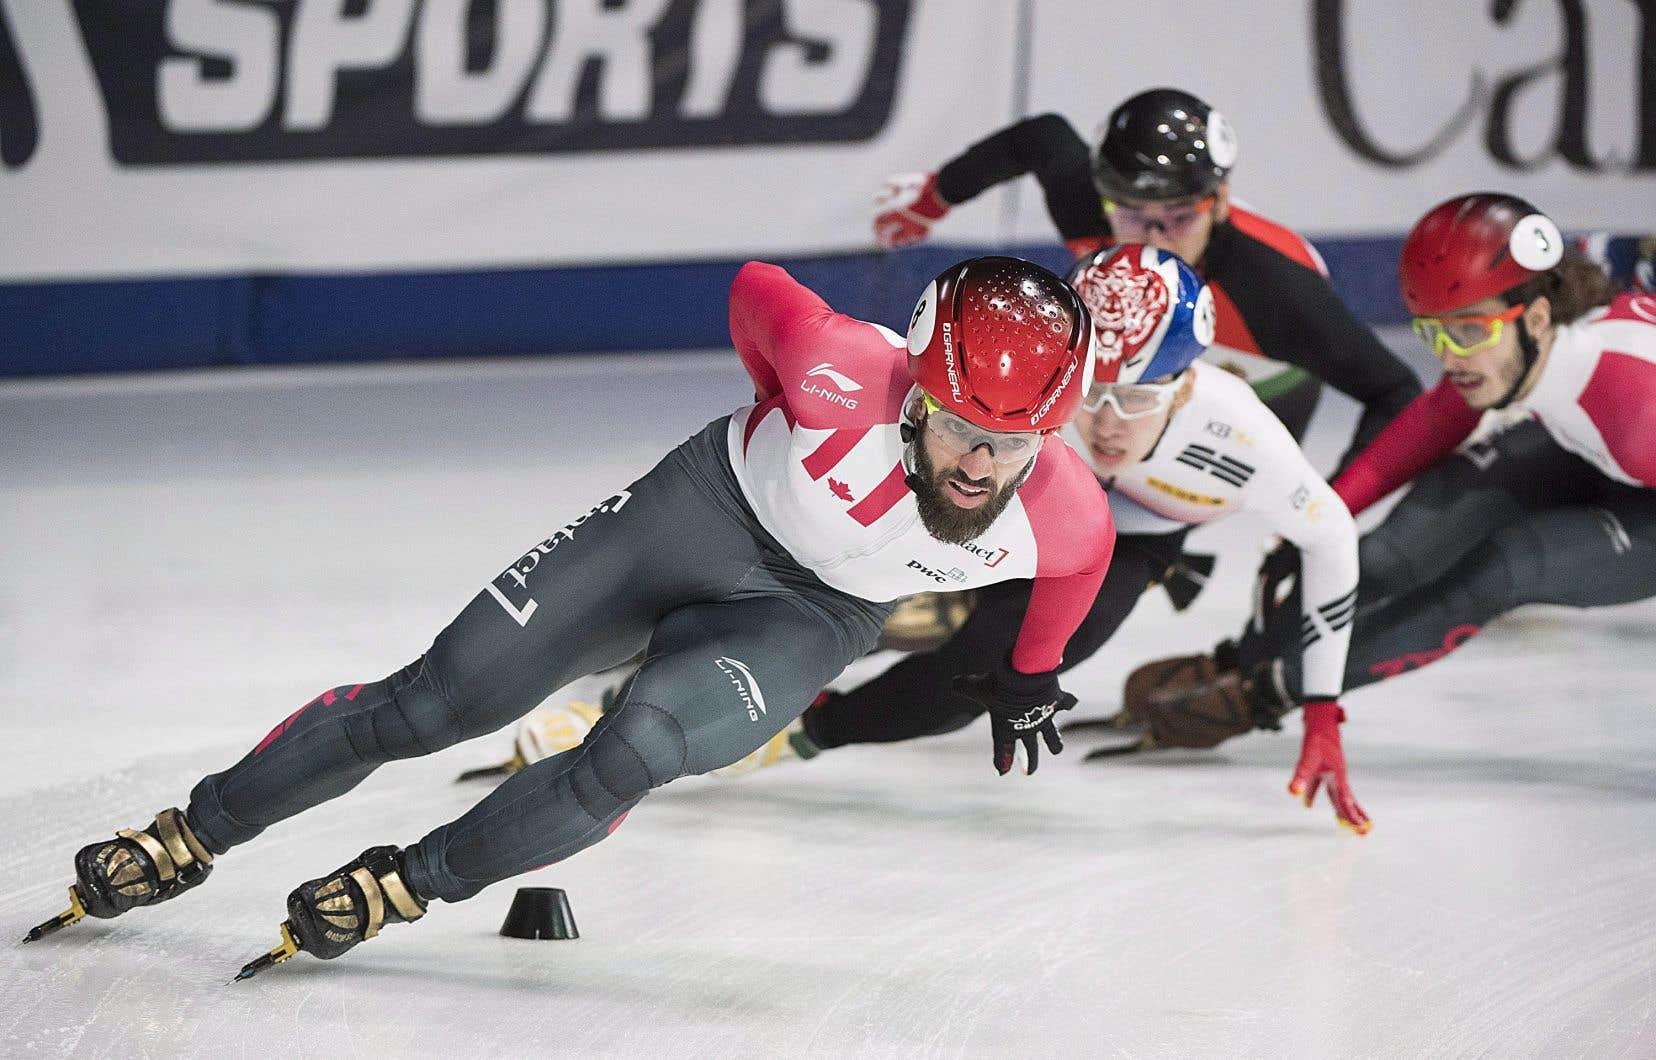 Le patineur québécois Charles Hamelin, samedi, à Montréal